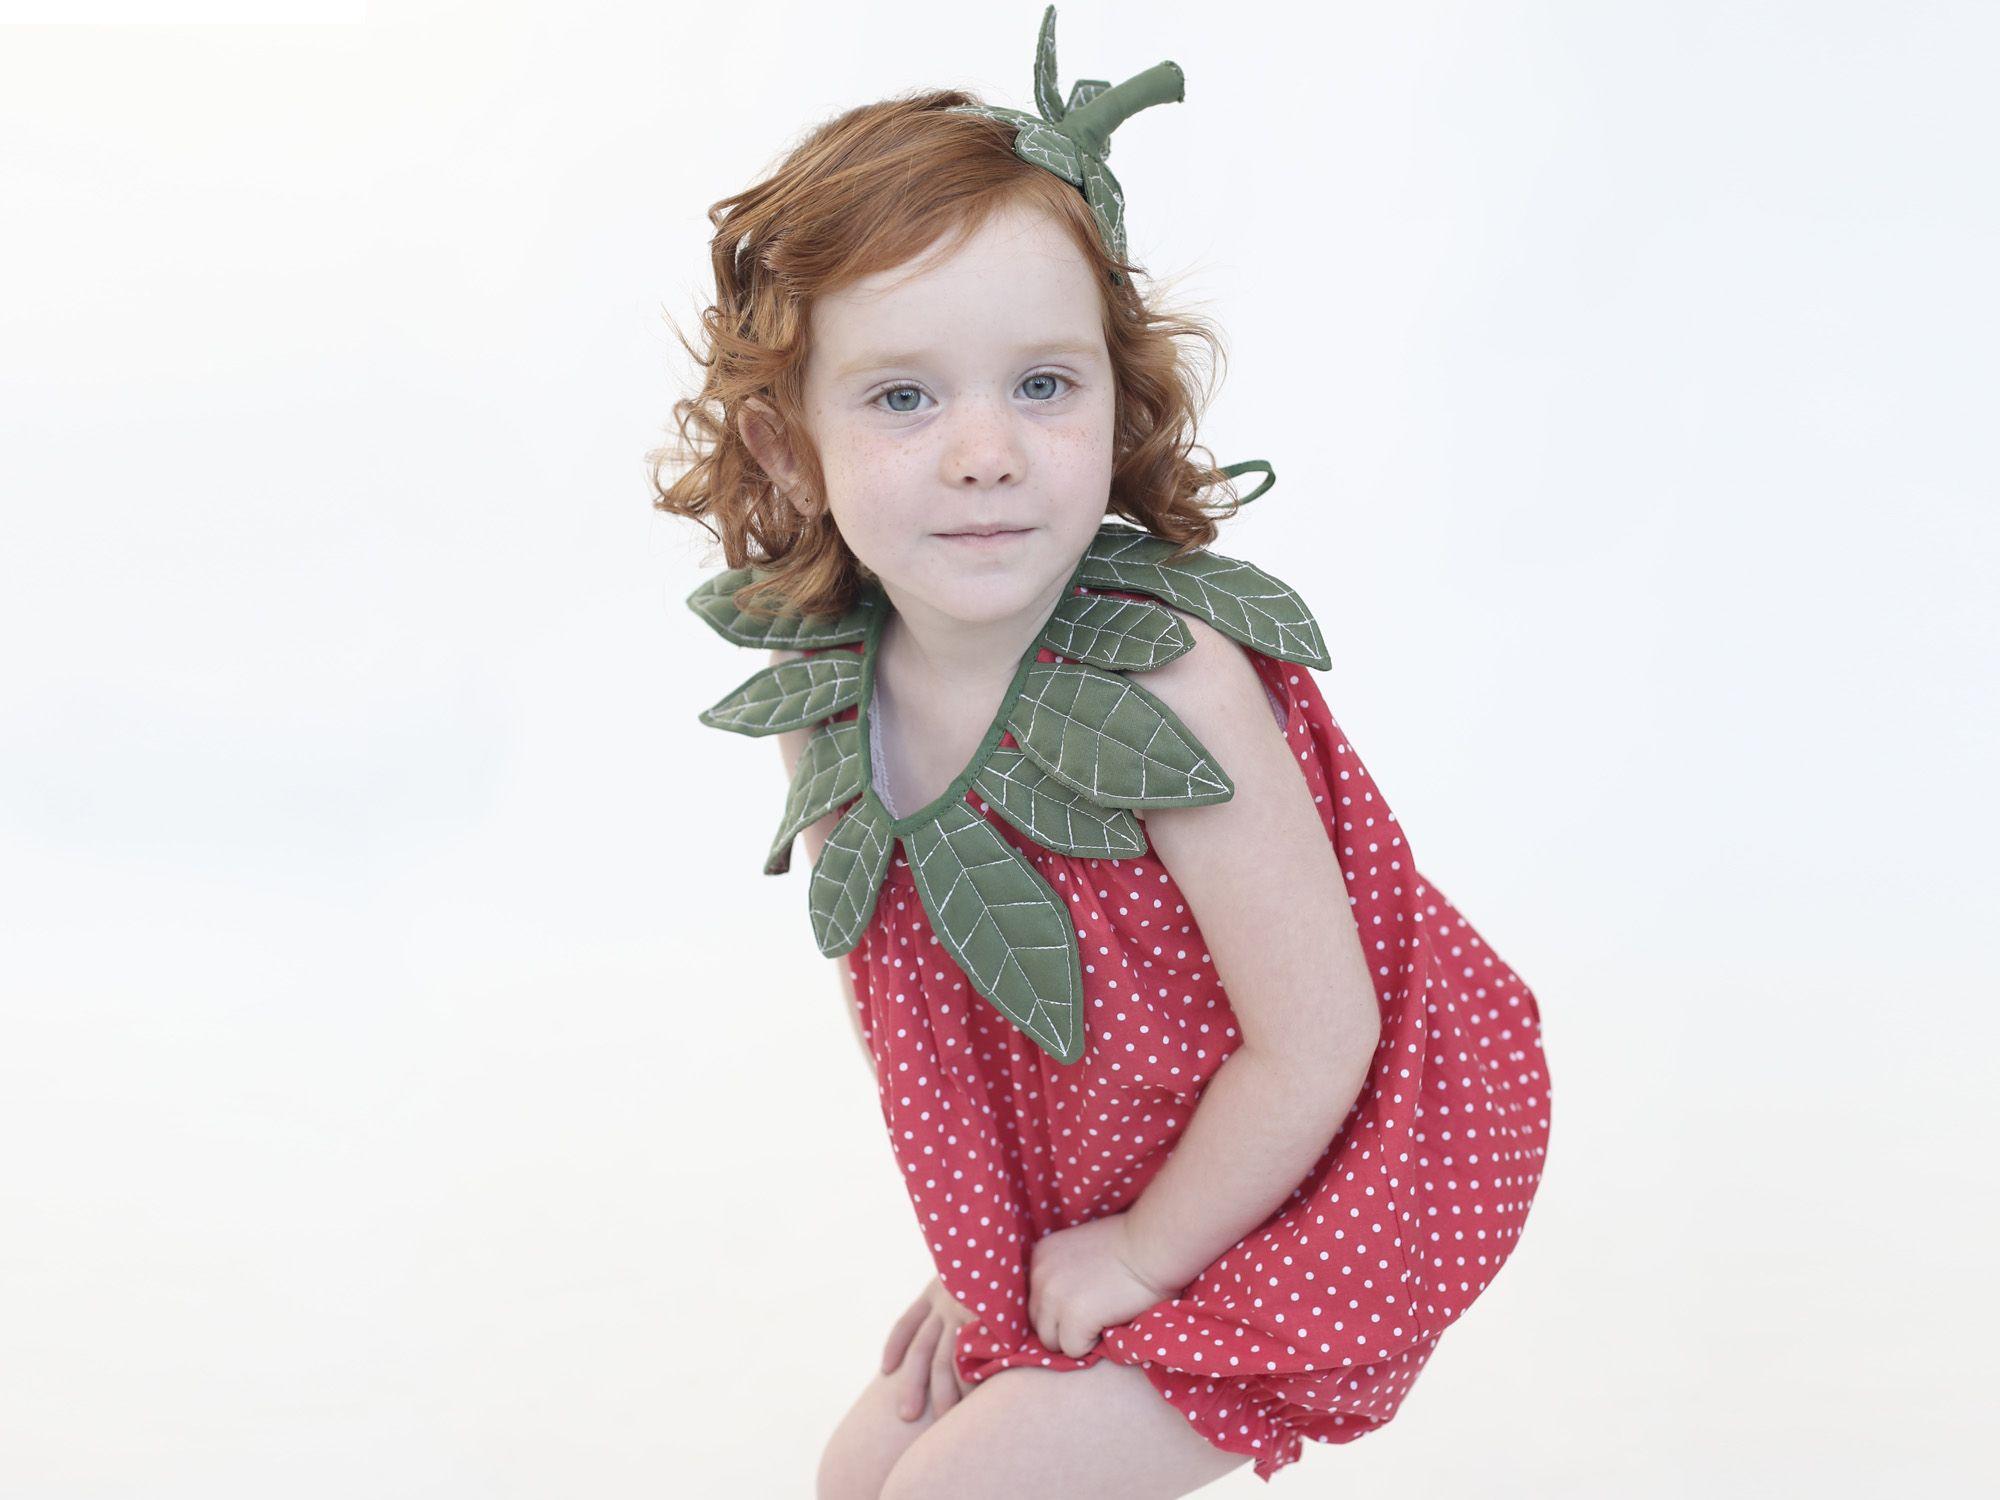 תות מתוק לגיל 1-2 |תחפושות לילדים| תחפושת לילדה | Inbal Carmi (לשעבר ...